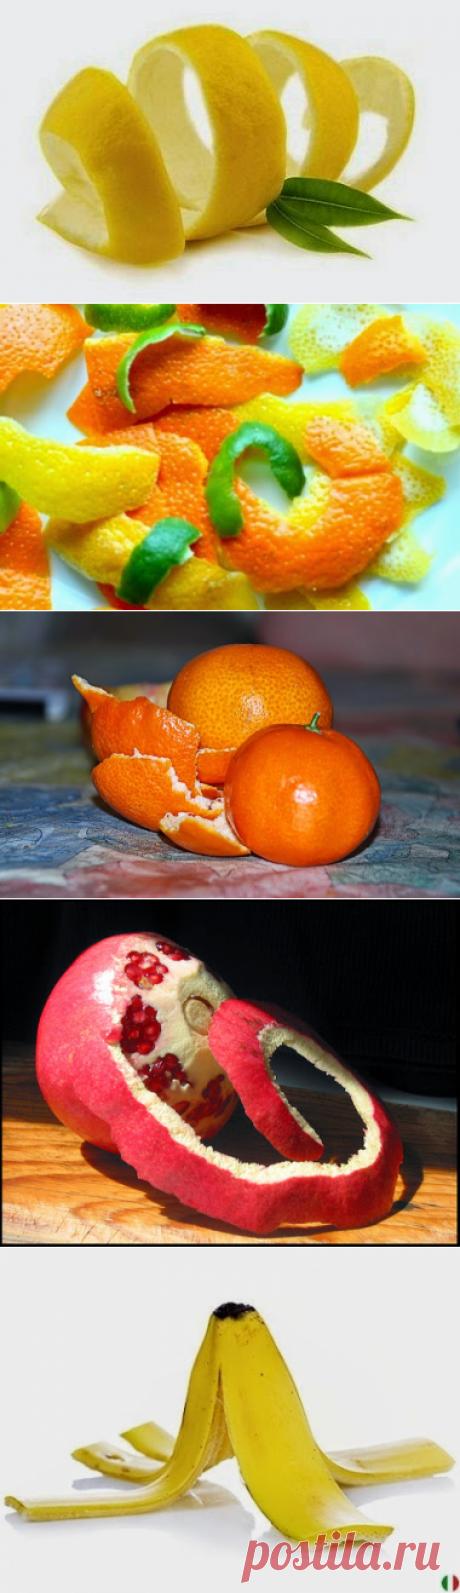 Кожура фруктов излечит многие болезни - чем полезны корки апельсина, лимона. мандарина, граната, банана